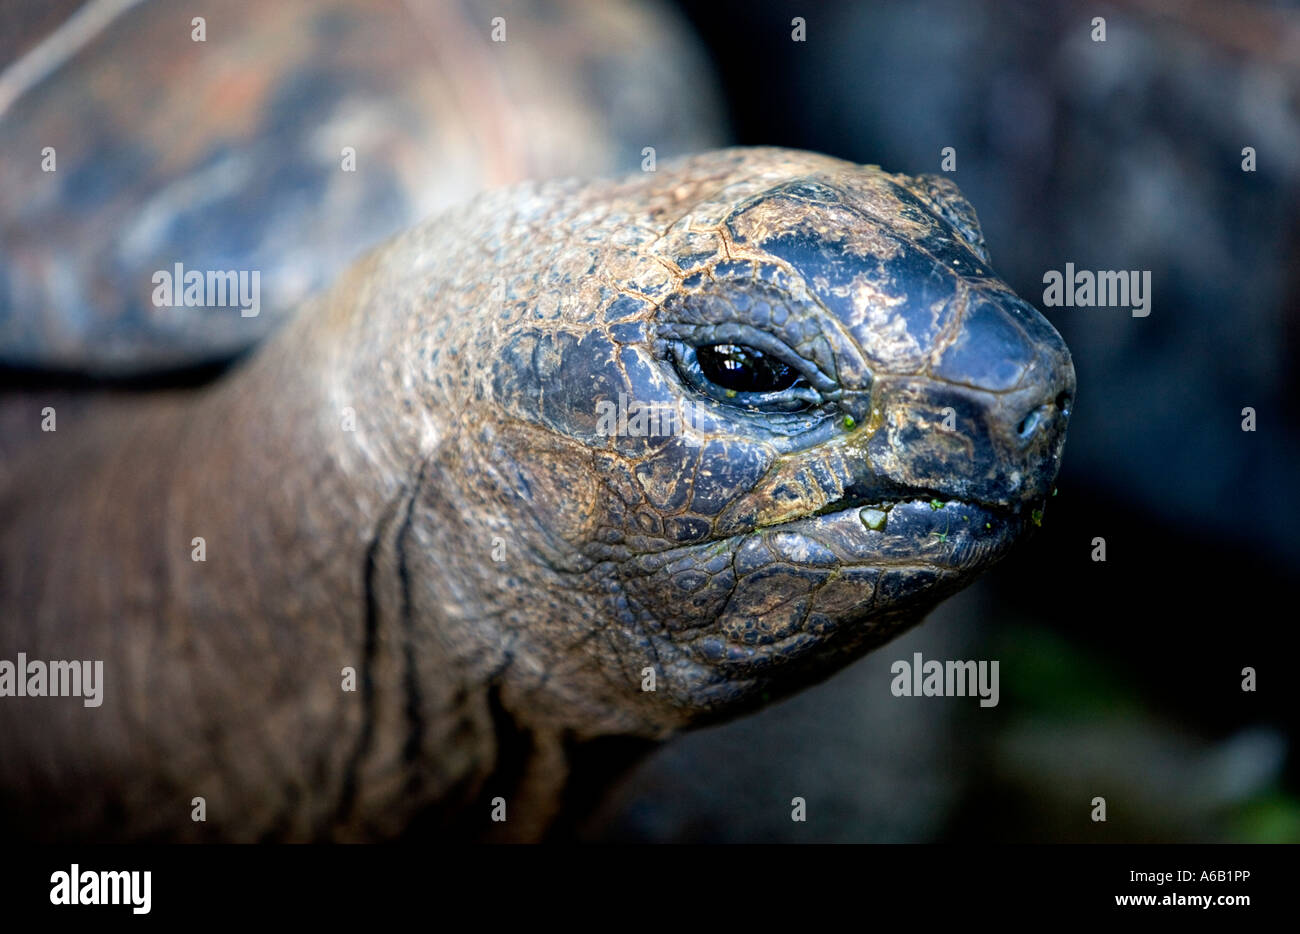 Smile!  [Giant tortoise] - 'Domaine Anna' Near 'Flic en Flac','Mauritius' - Stock Image